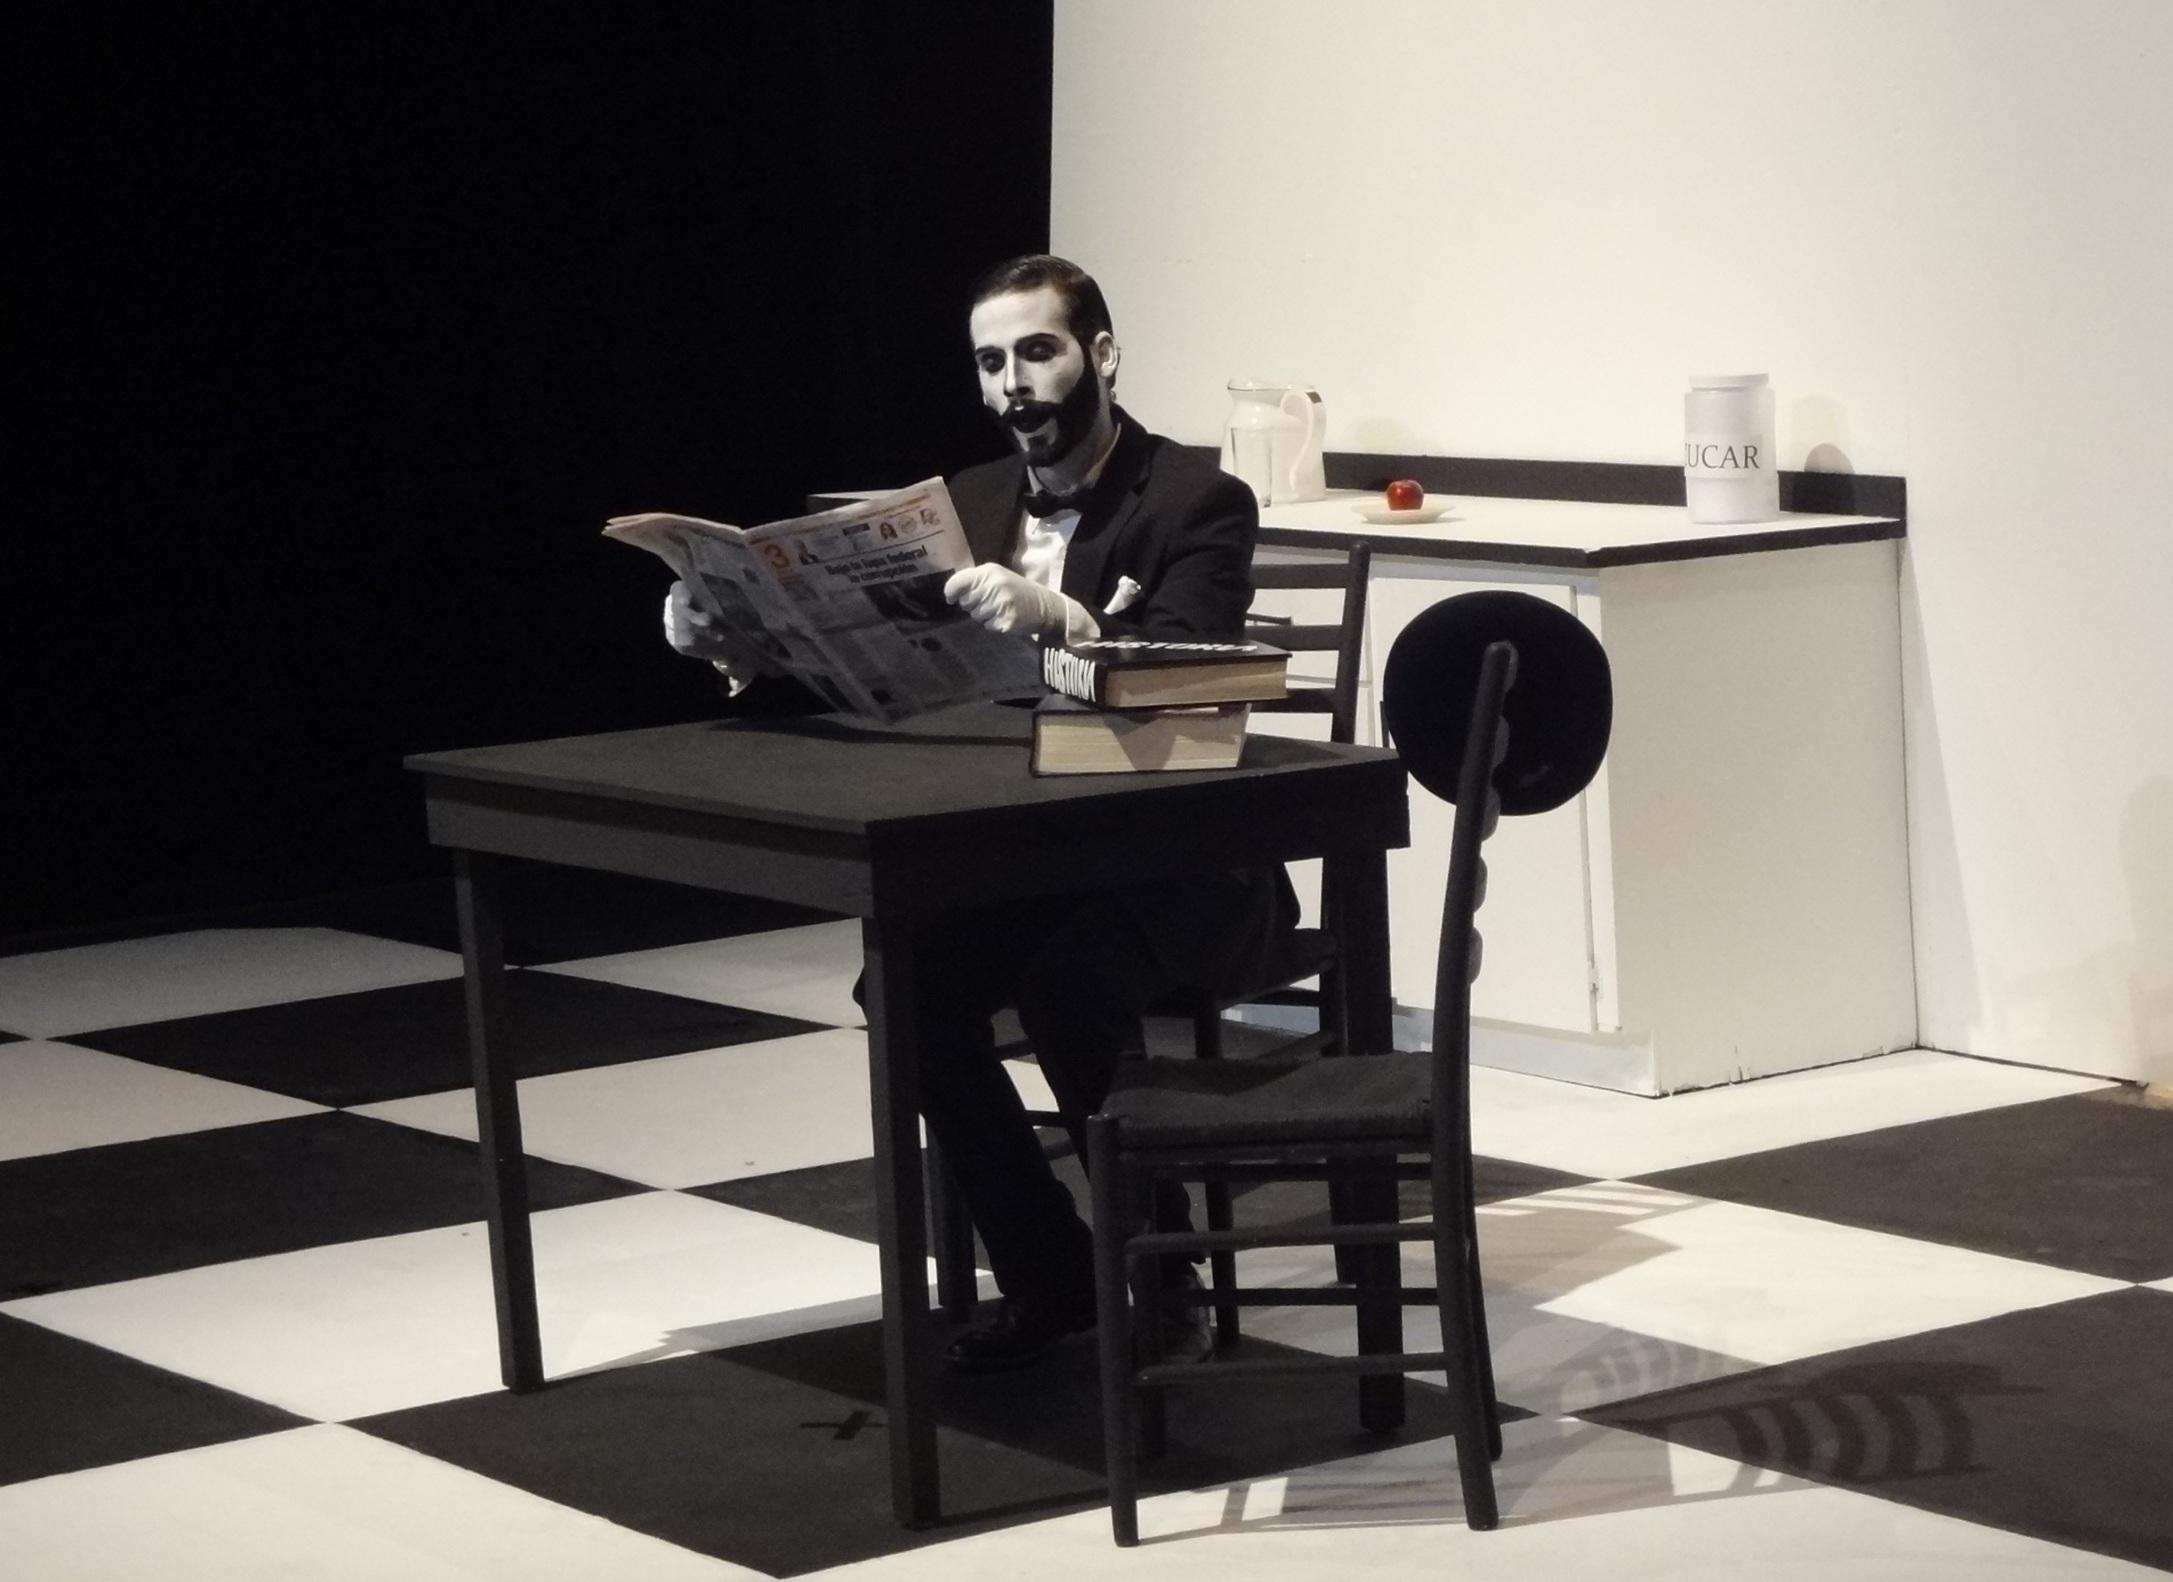 La escenografía de Raúl Cátala es de uso multifuncional. (Foto Adriana Pantoja para Fundación Nacional para la Cultura Popular)